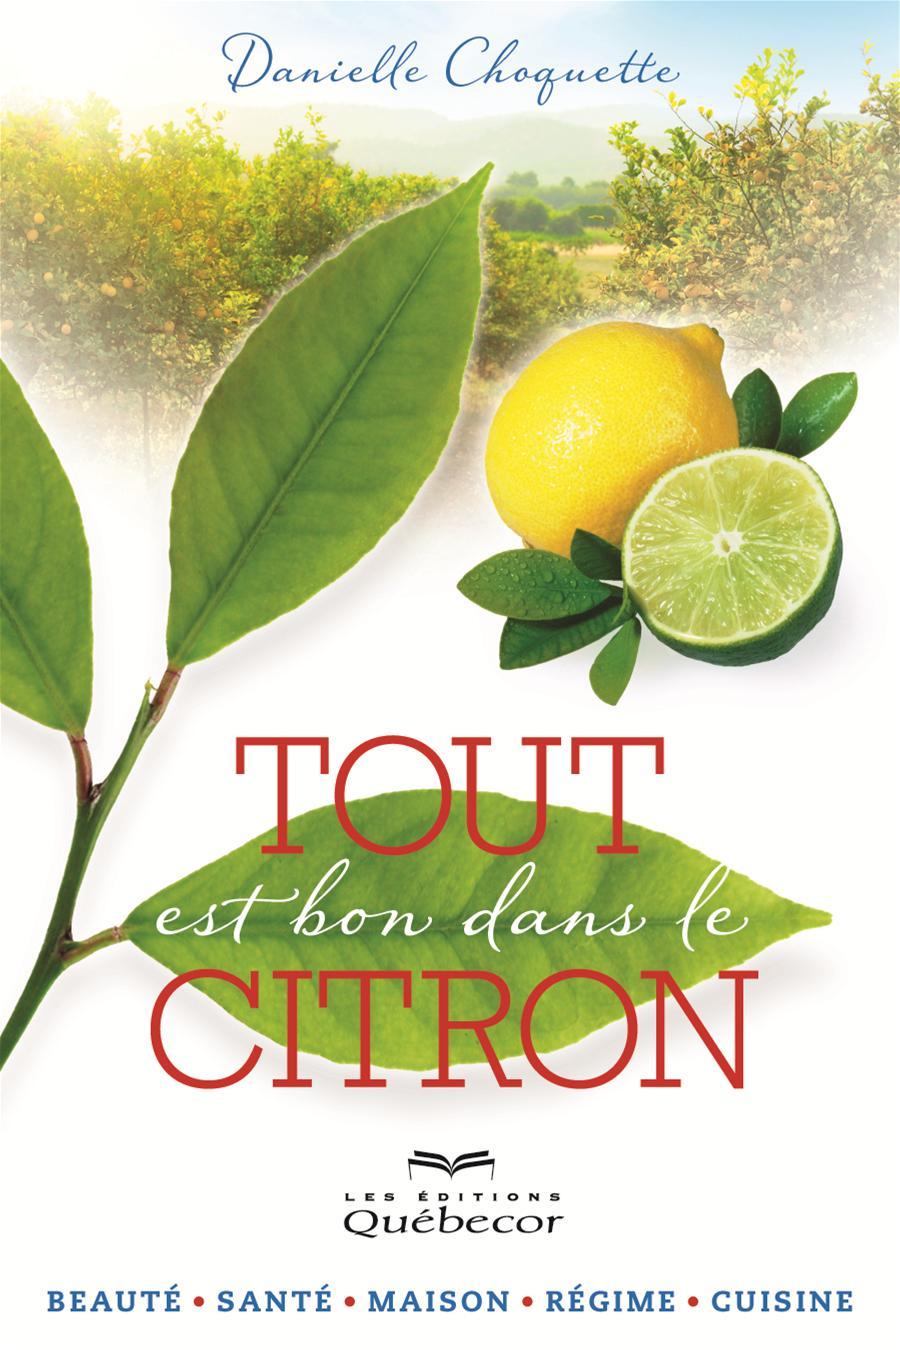 Tout est bon dans le citron